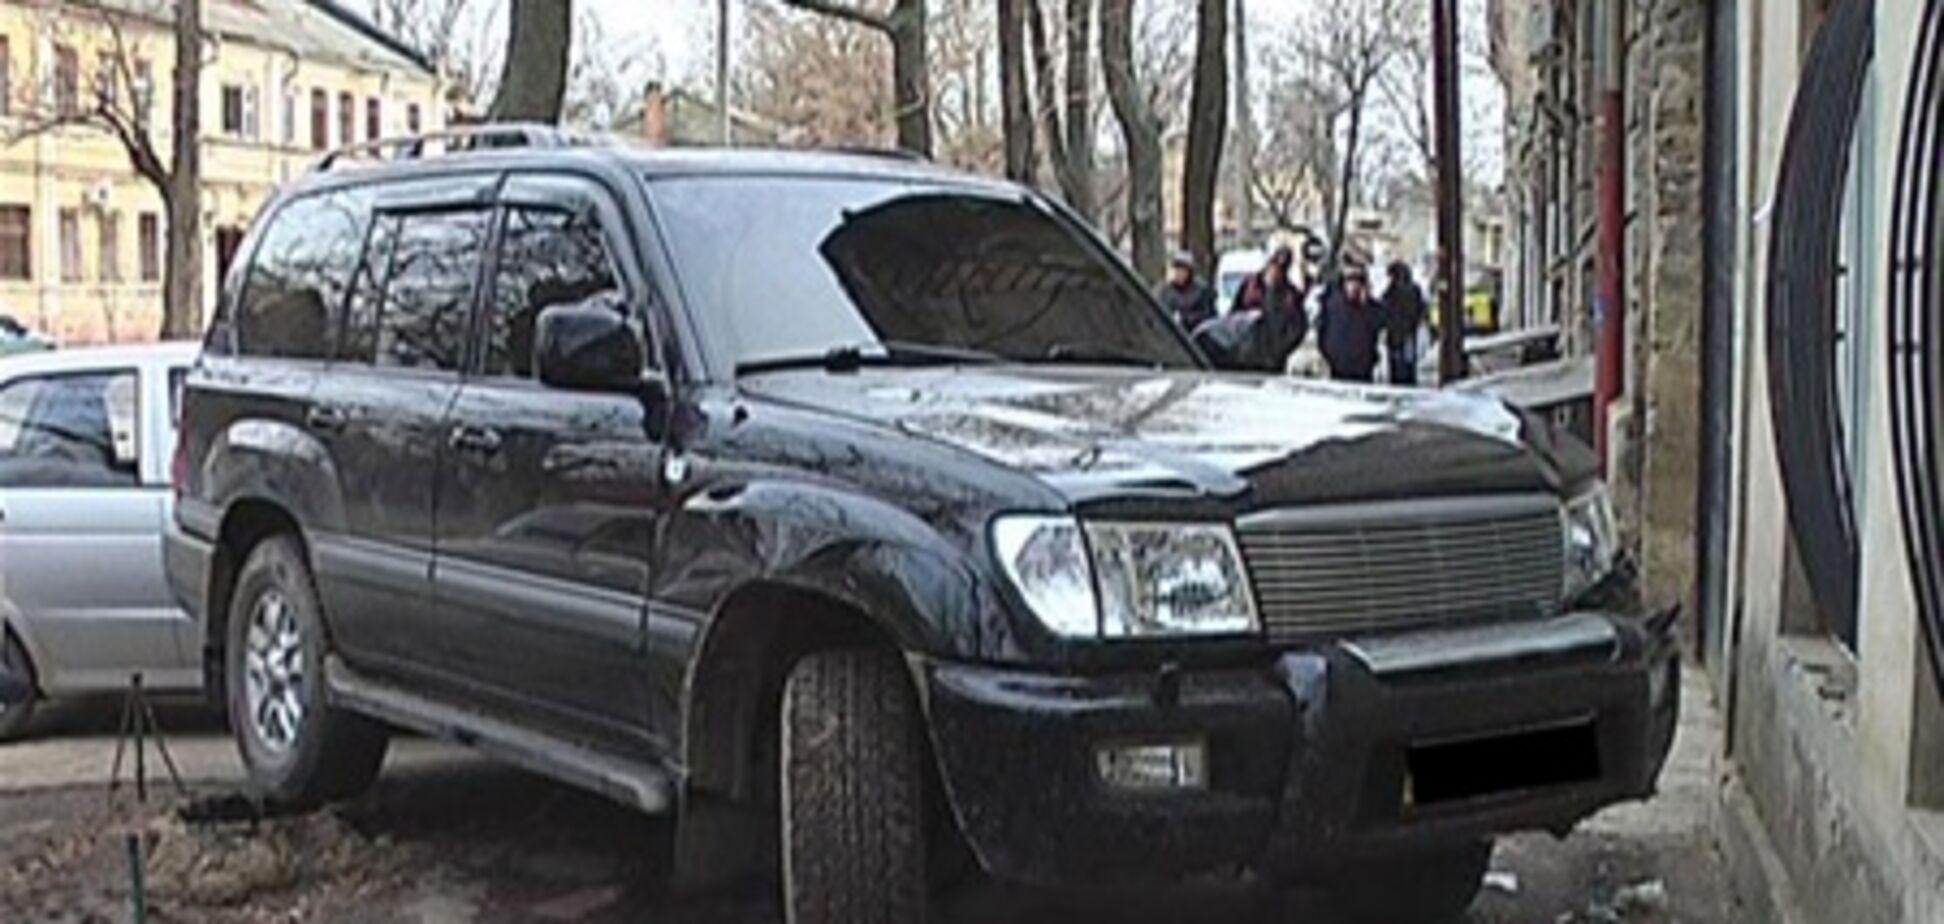 Одессит, совершивший ДТП, не является сотрудником прокуратуры